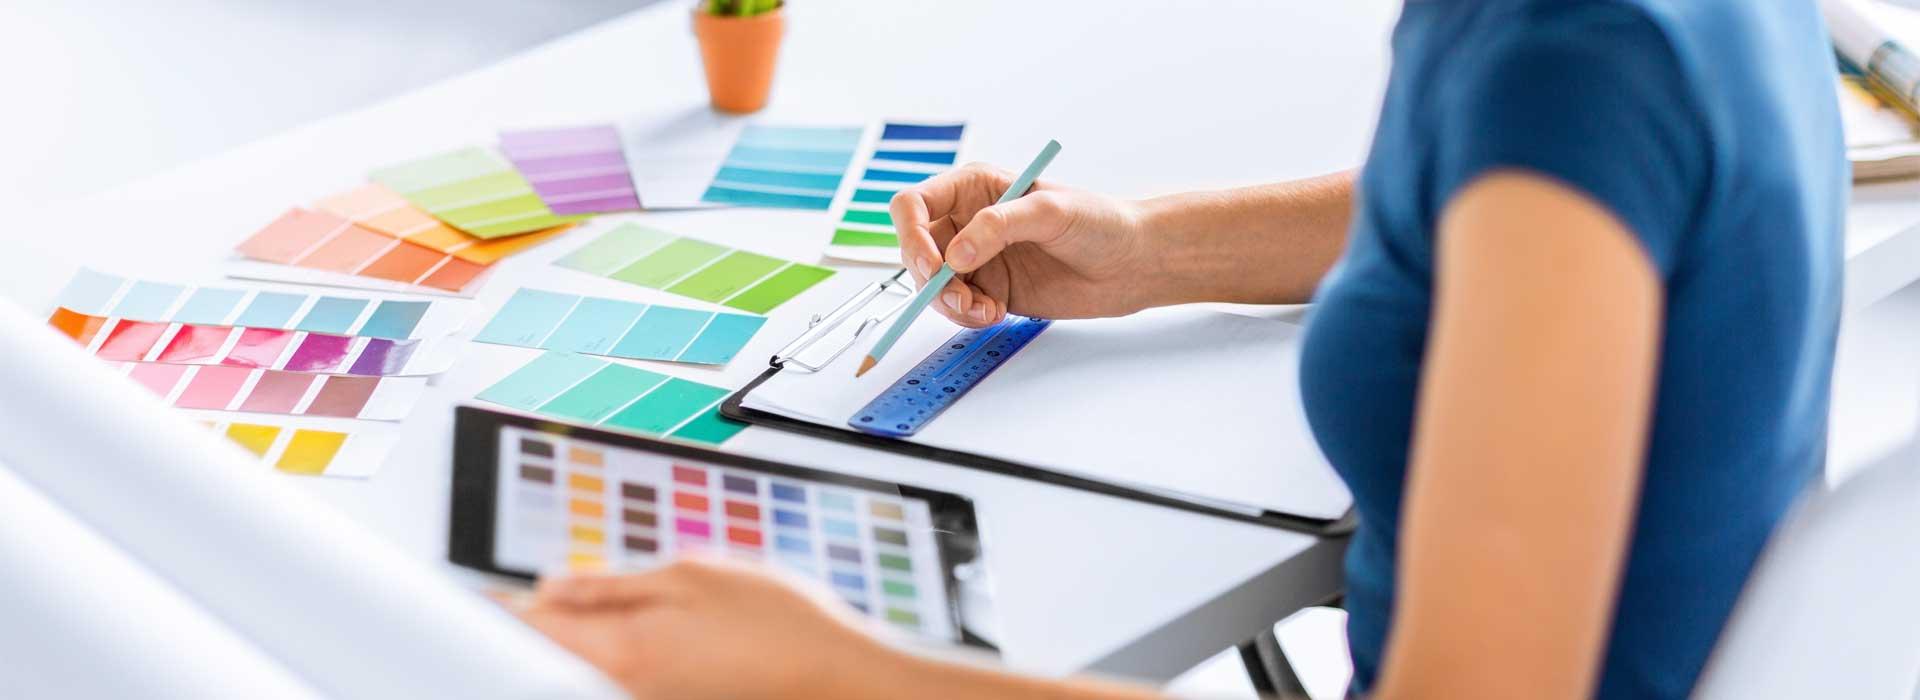 Ausbildung in der Farb- und Stilberatung